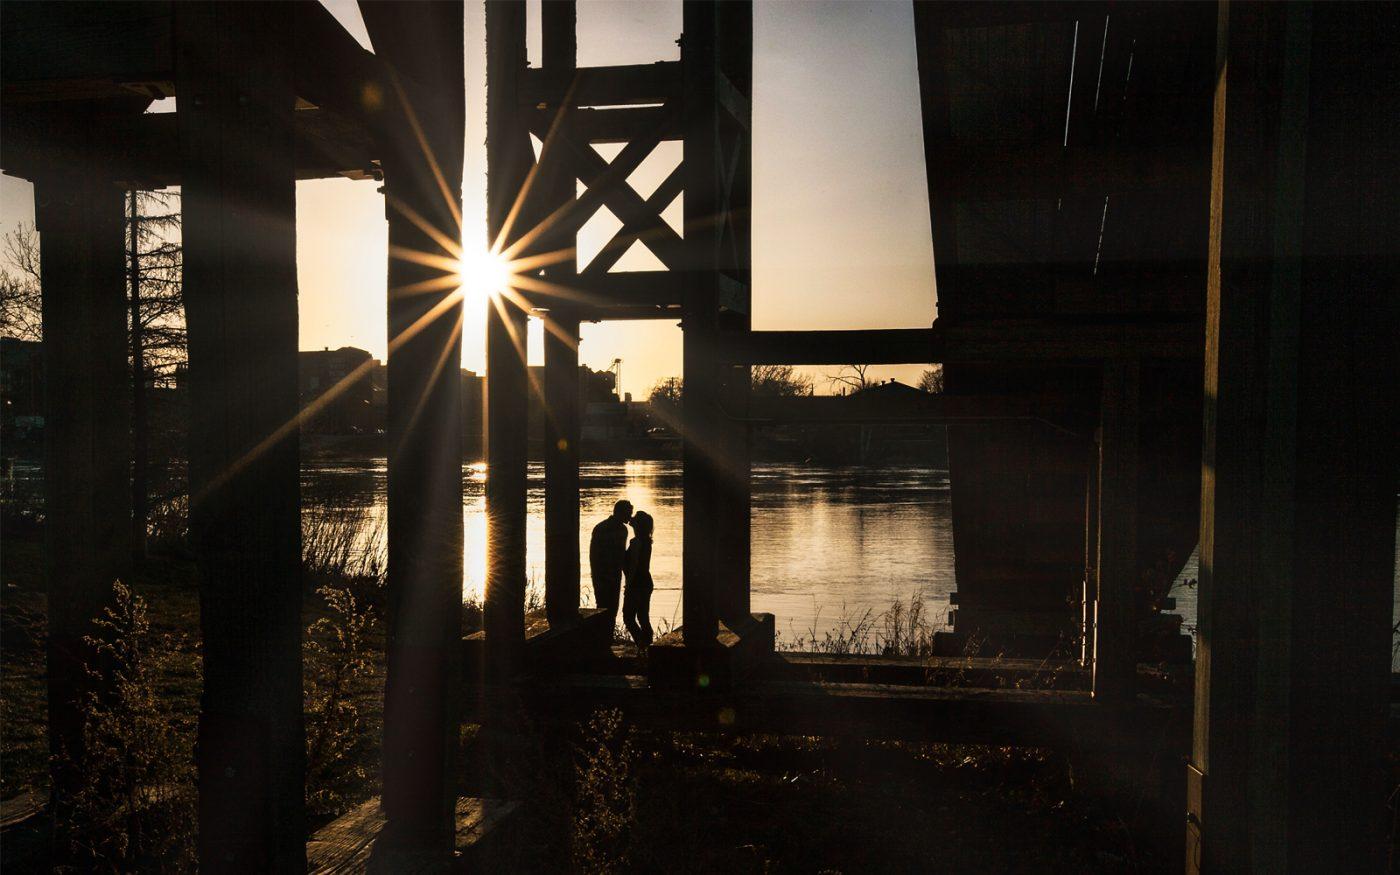 Kissing under the toboggan bridge at sunset